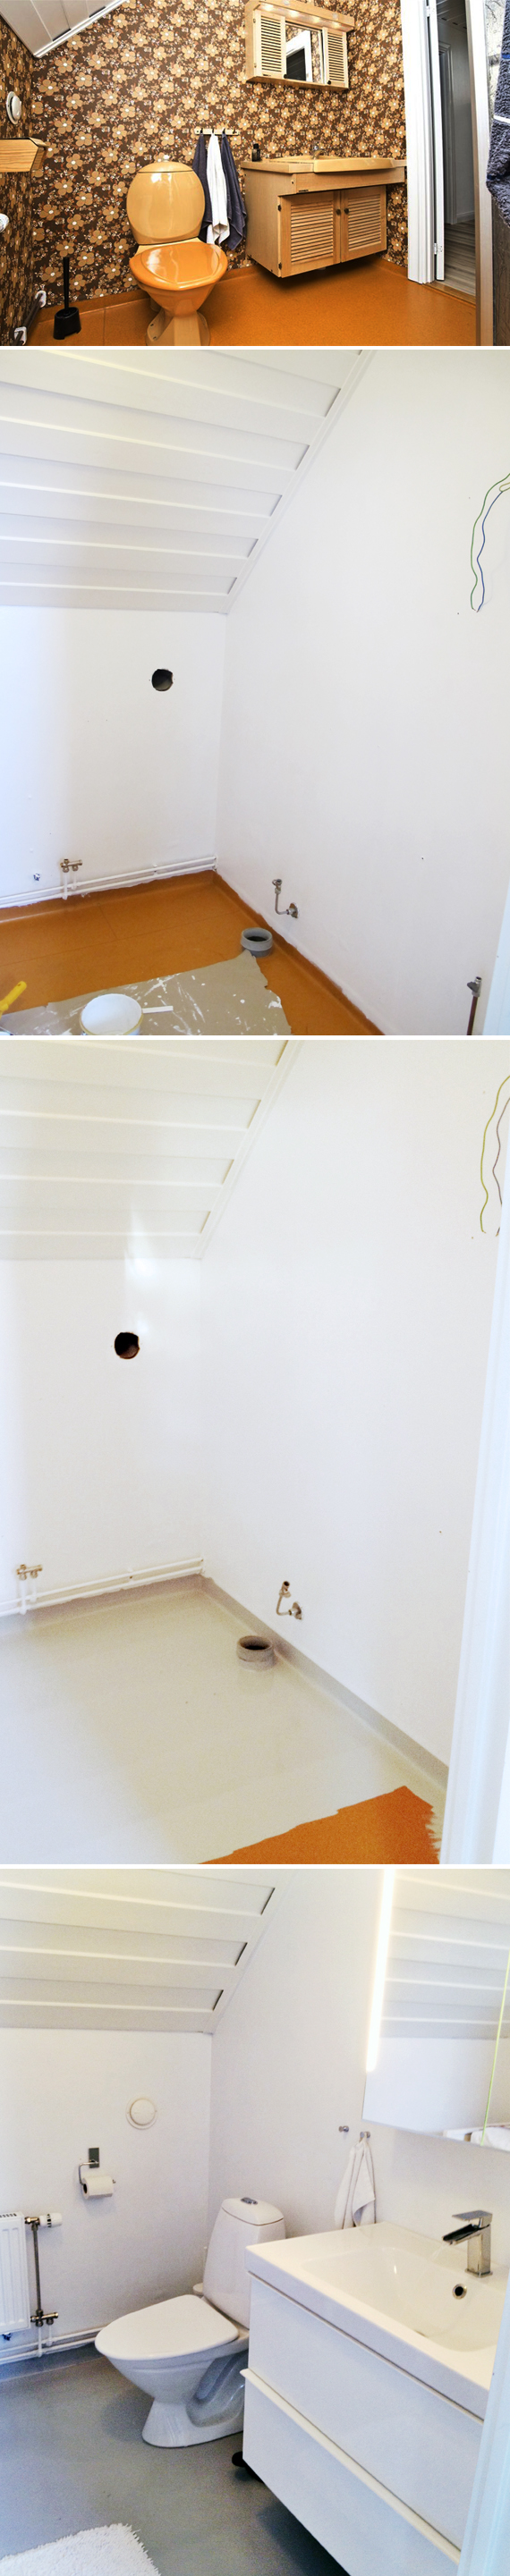 inspireramera inspirera mera inredning budgetrenovering renovering makeover minimakeover badrum toalett måla vitt väggar golv vinyltapet